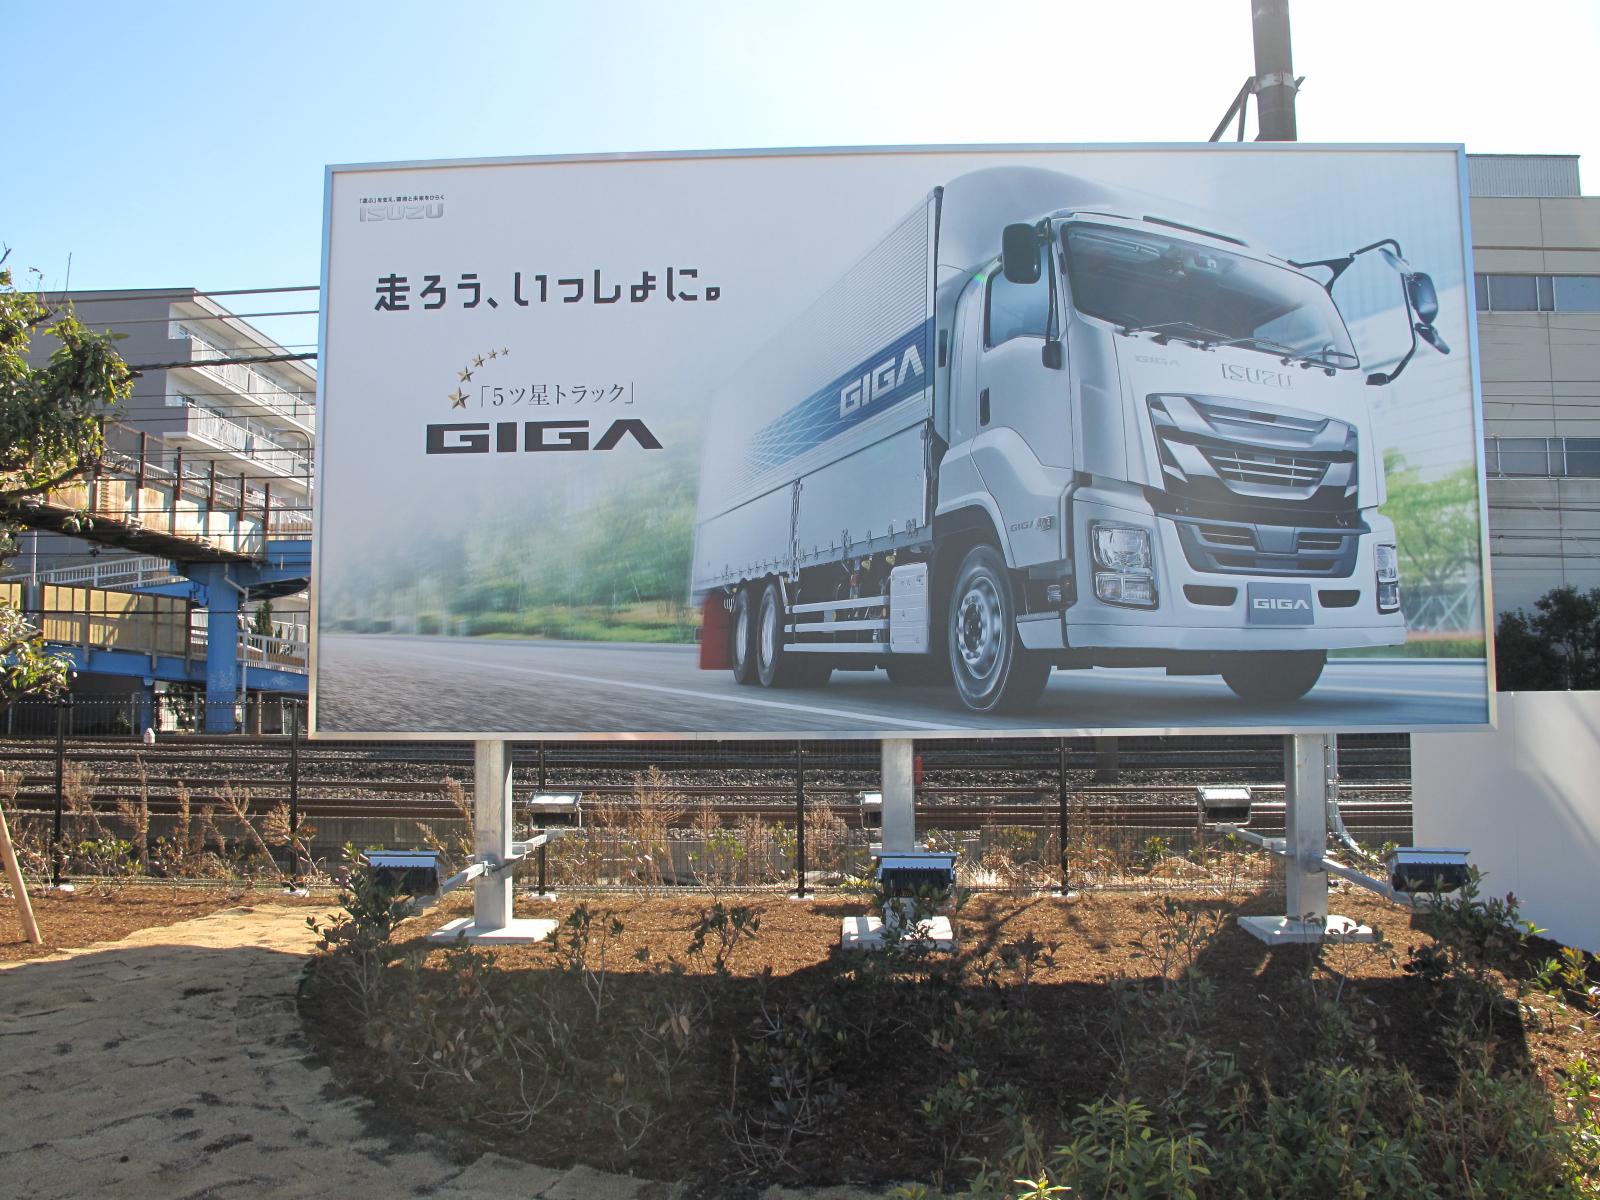 【千葉県船橋市】年間休日111日◆残業代100%支給◆大型トラックの整備士大募集《期間限定》